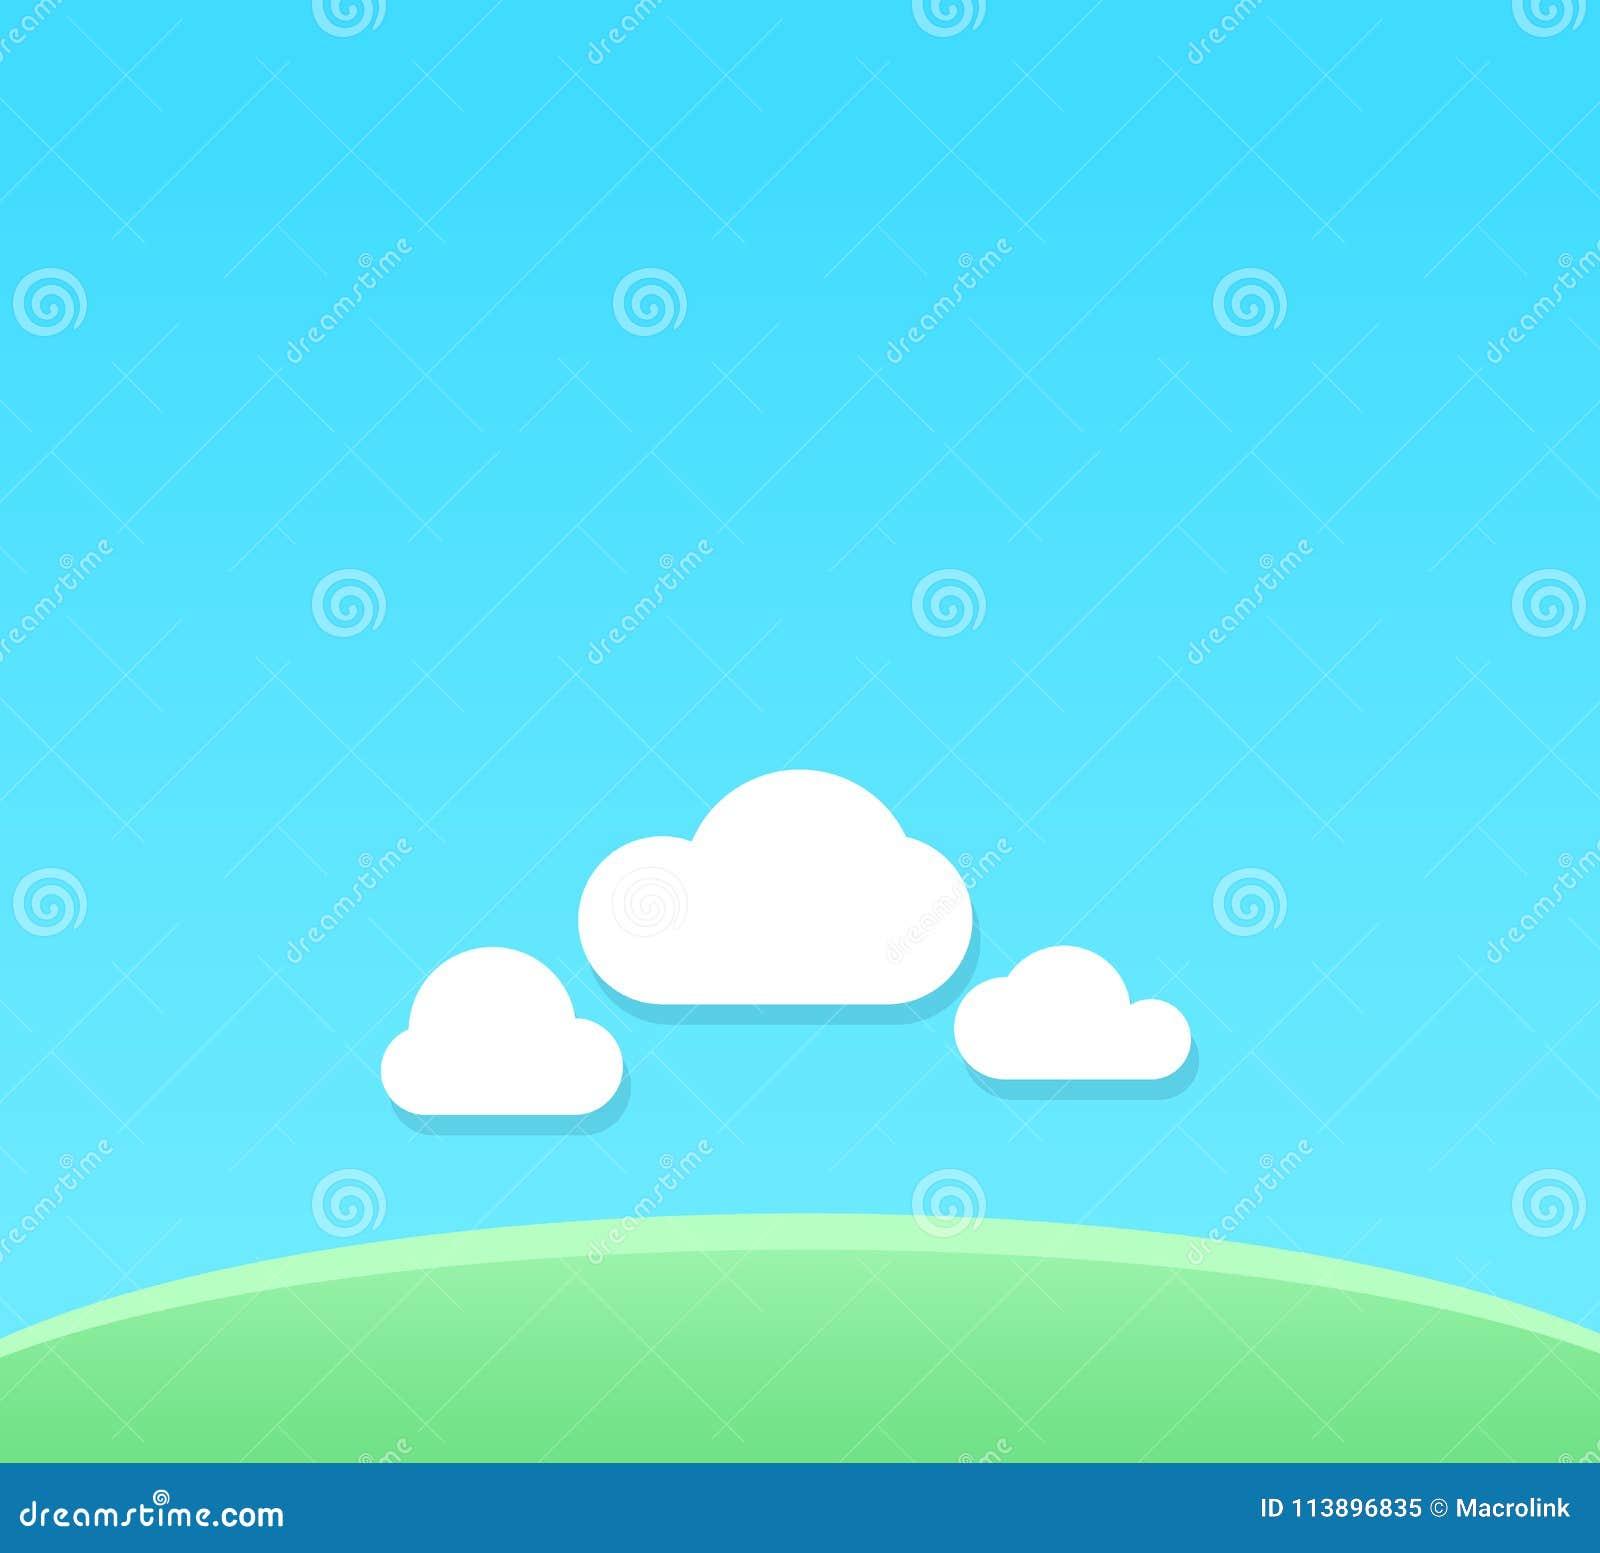 Vector o fundo dos desenhos animados do dia claro com espaço da cópia - contexto com o céu azul sob o campo verde